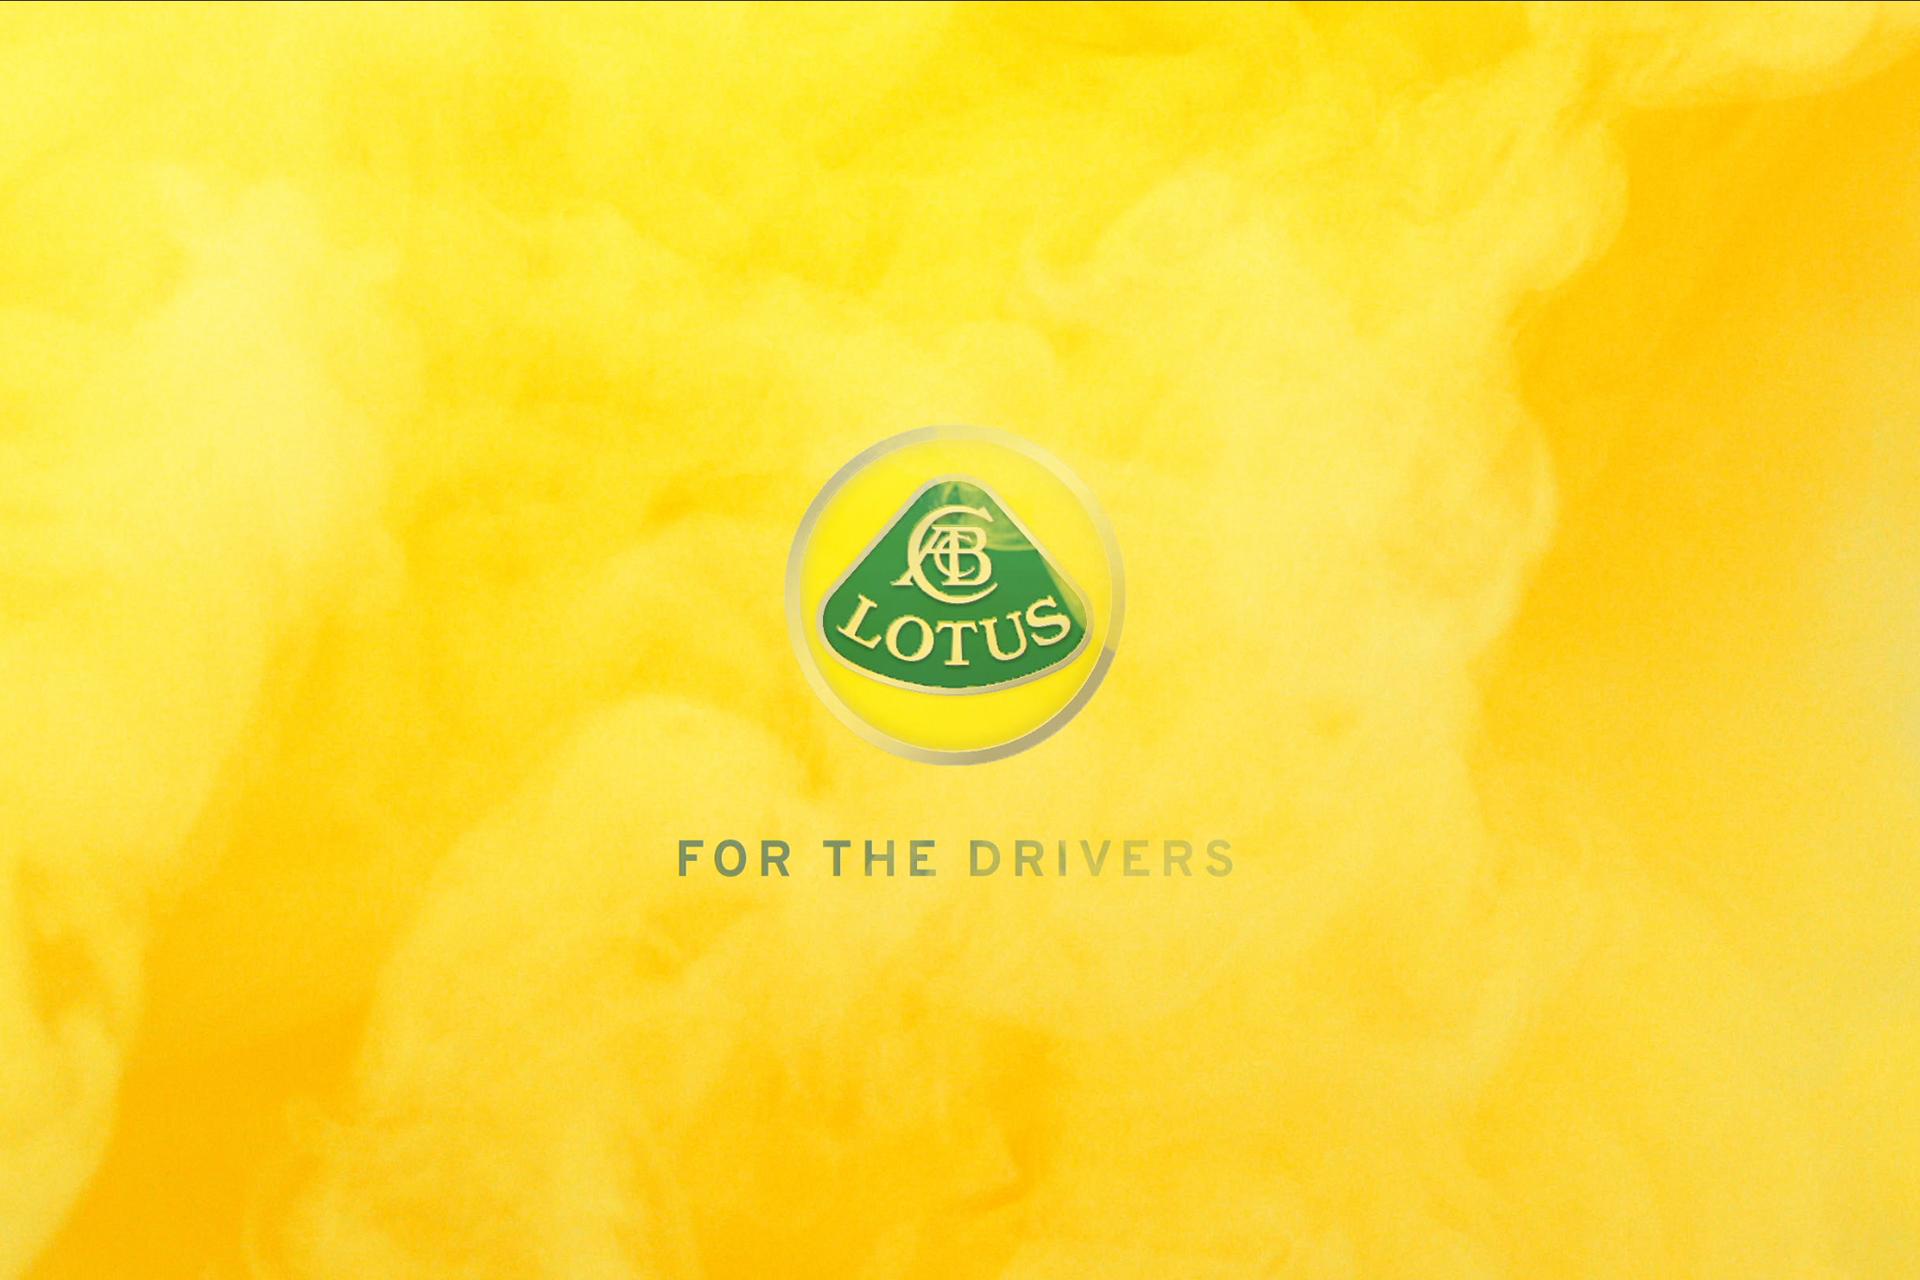 Lotus_badge_Cover_image_temp